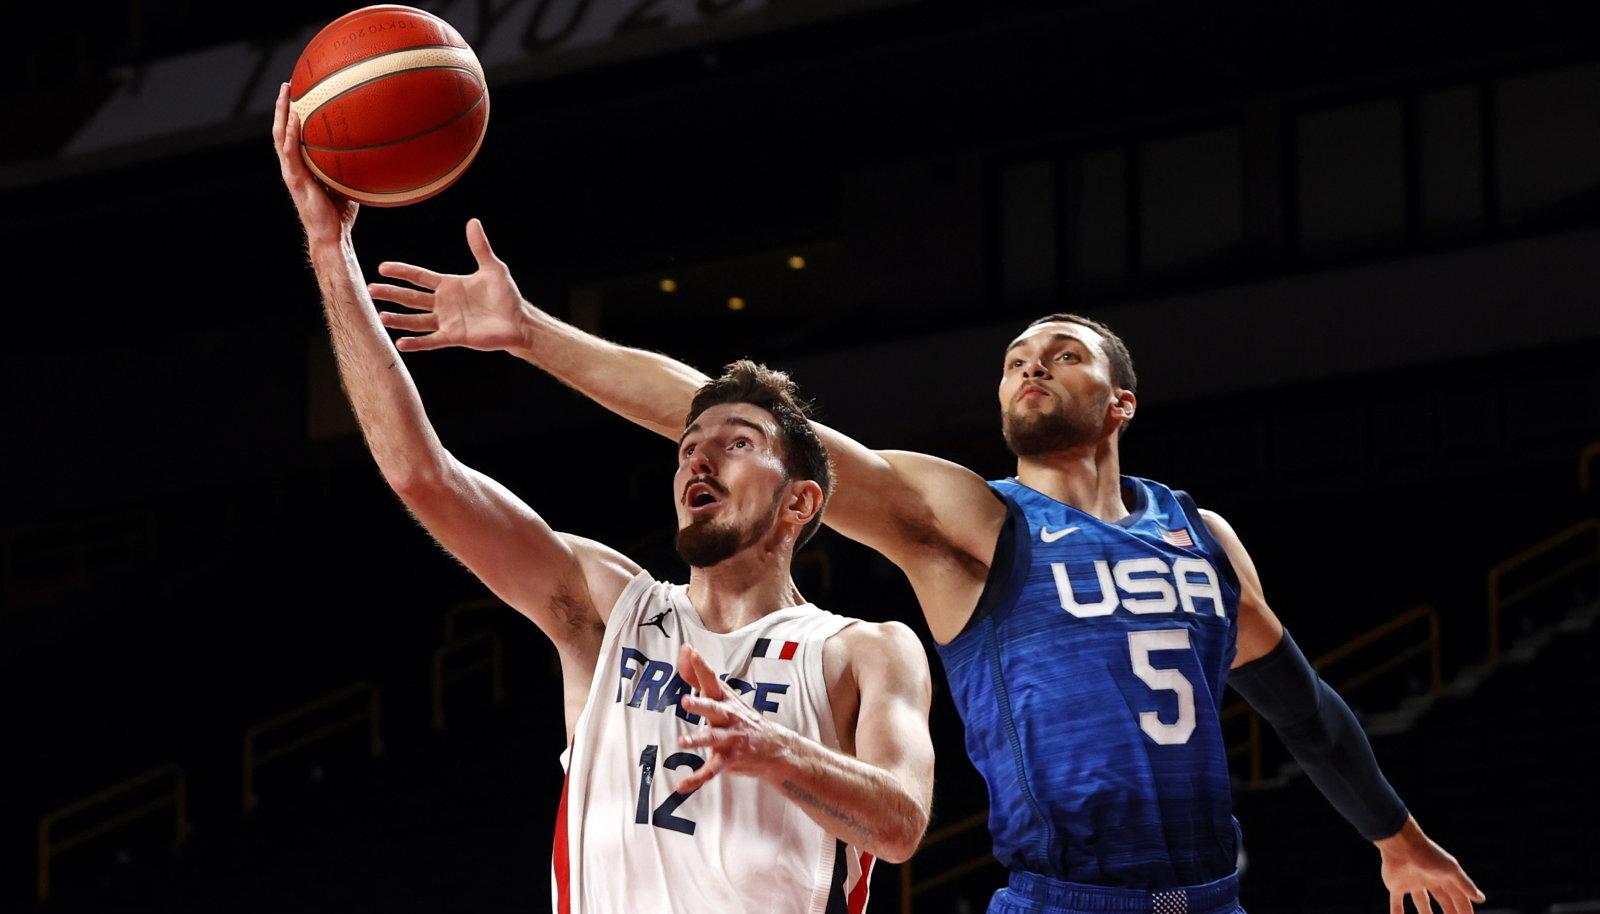 Nando De Colol ja Prantsusmaa koondisel on USA vastu kahemänguline võiduseeria.